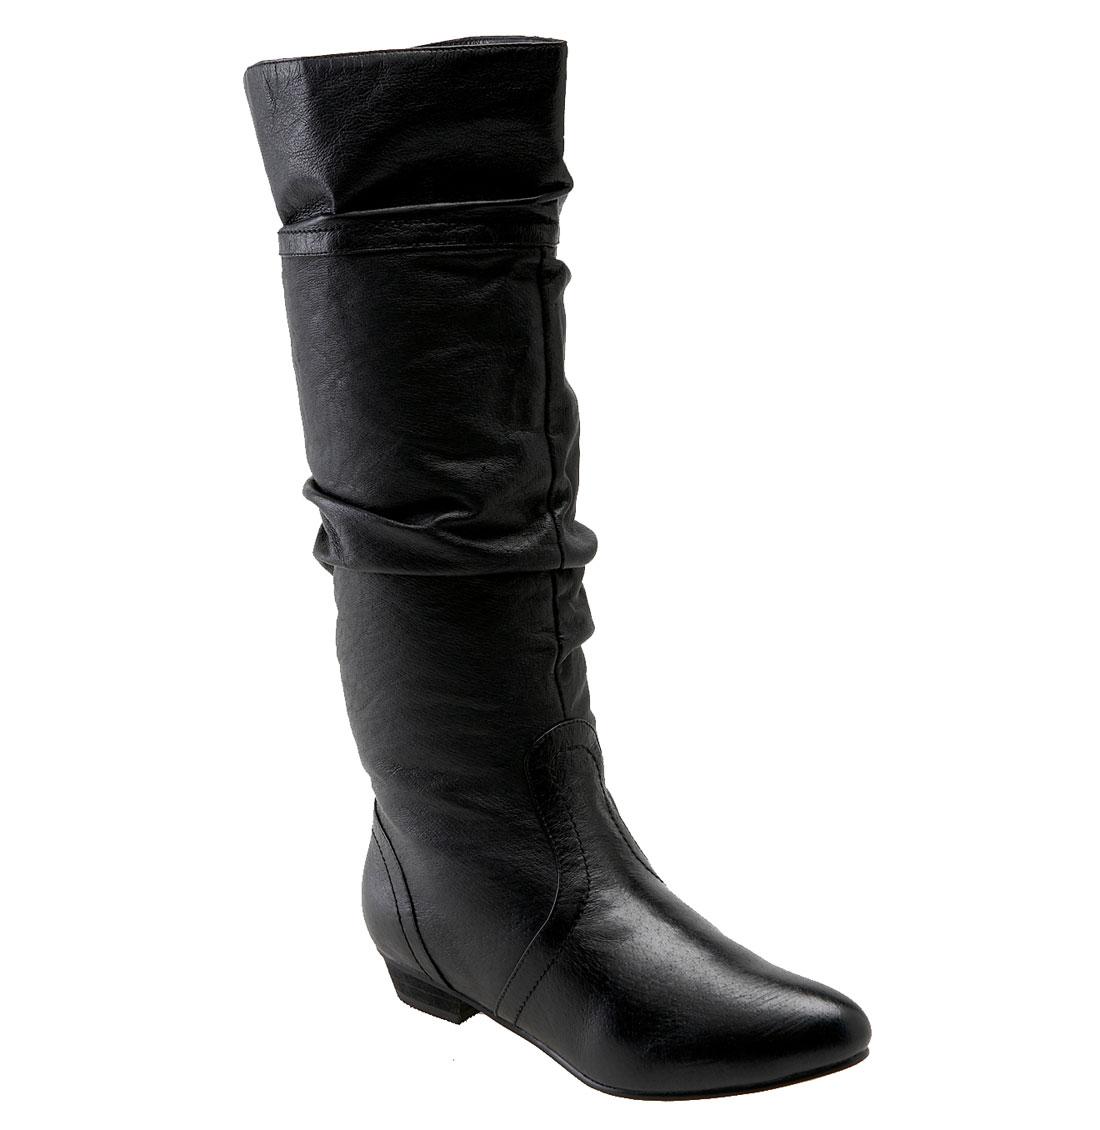 steve madden candence boot in black black leather lyst. Black Bedroom Furniture Sets. Home Design Ideas